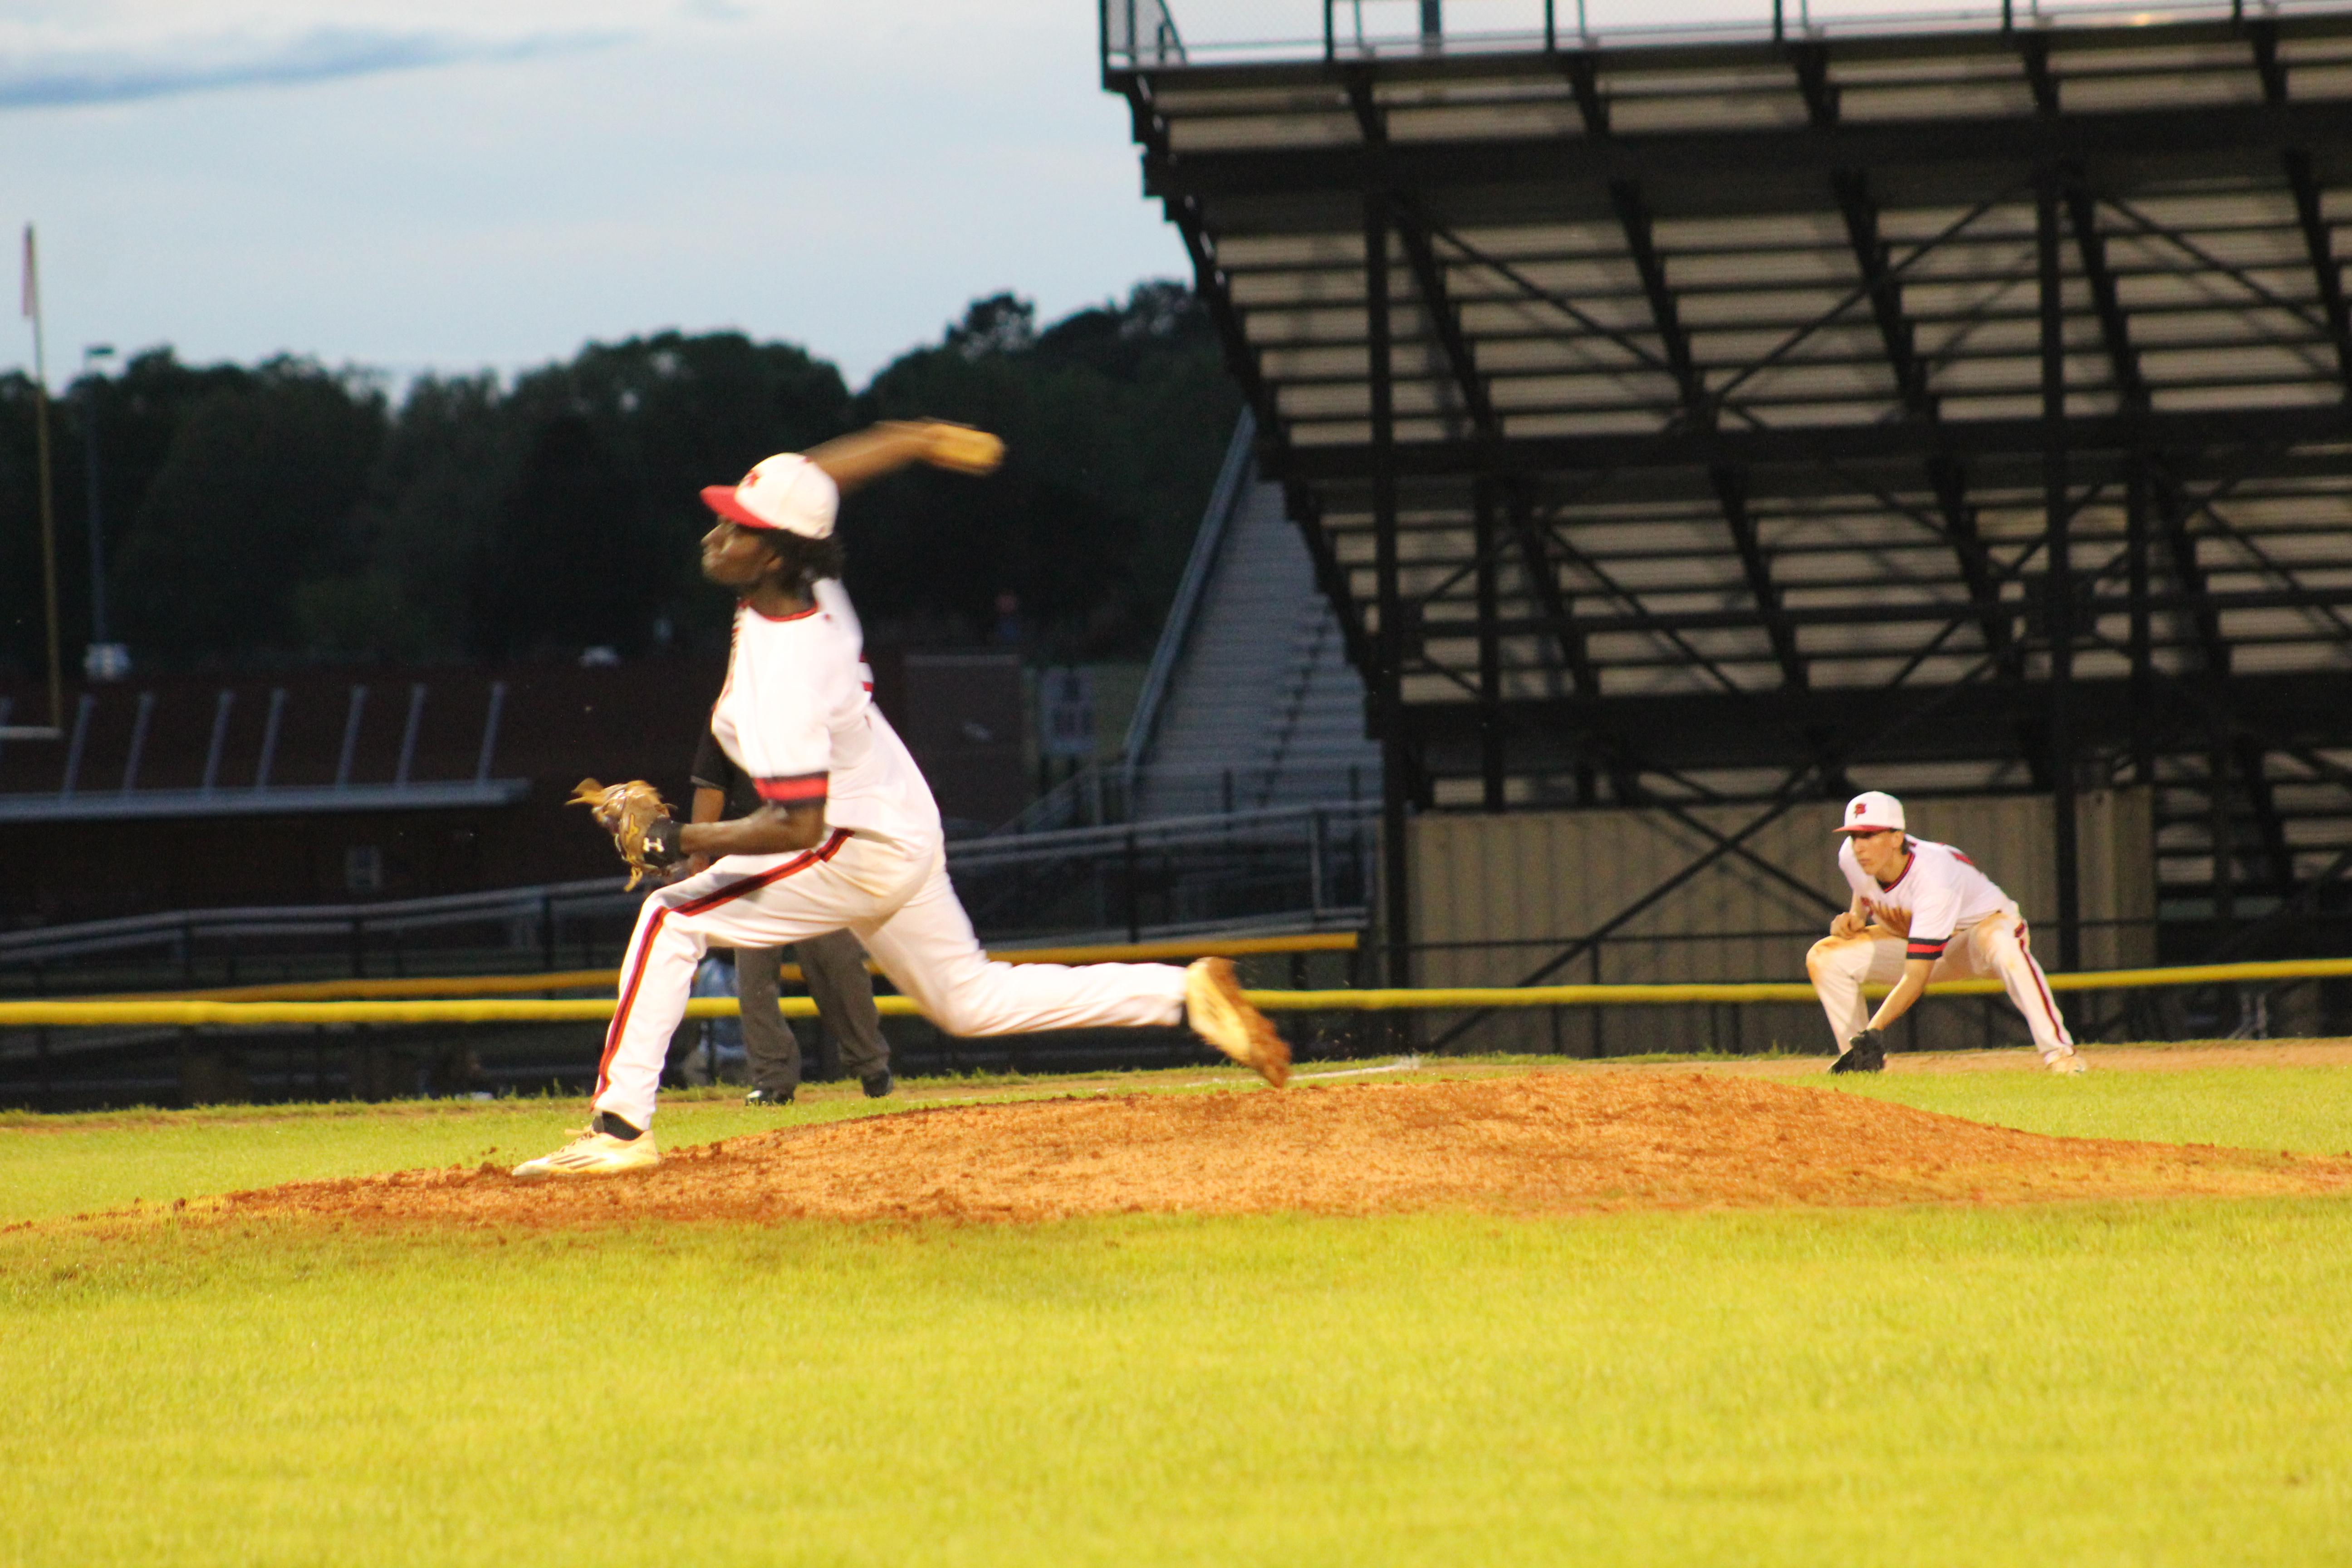 Update Baseball Games Feb 19th and Feb 20th